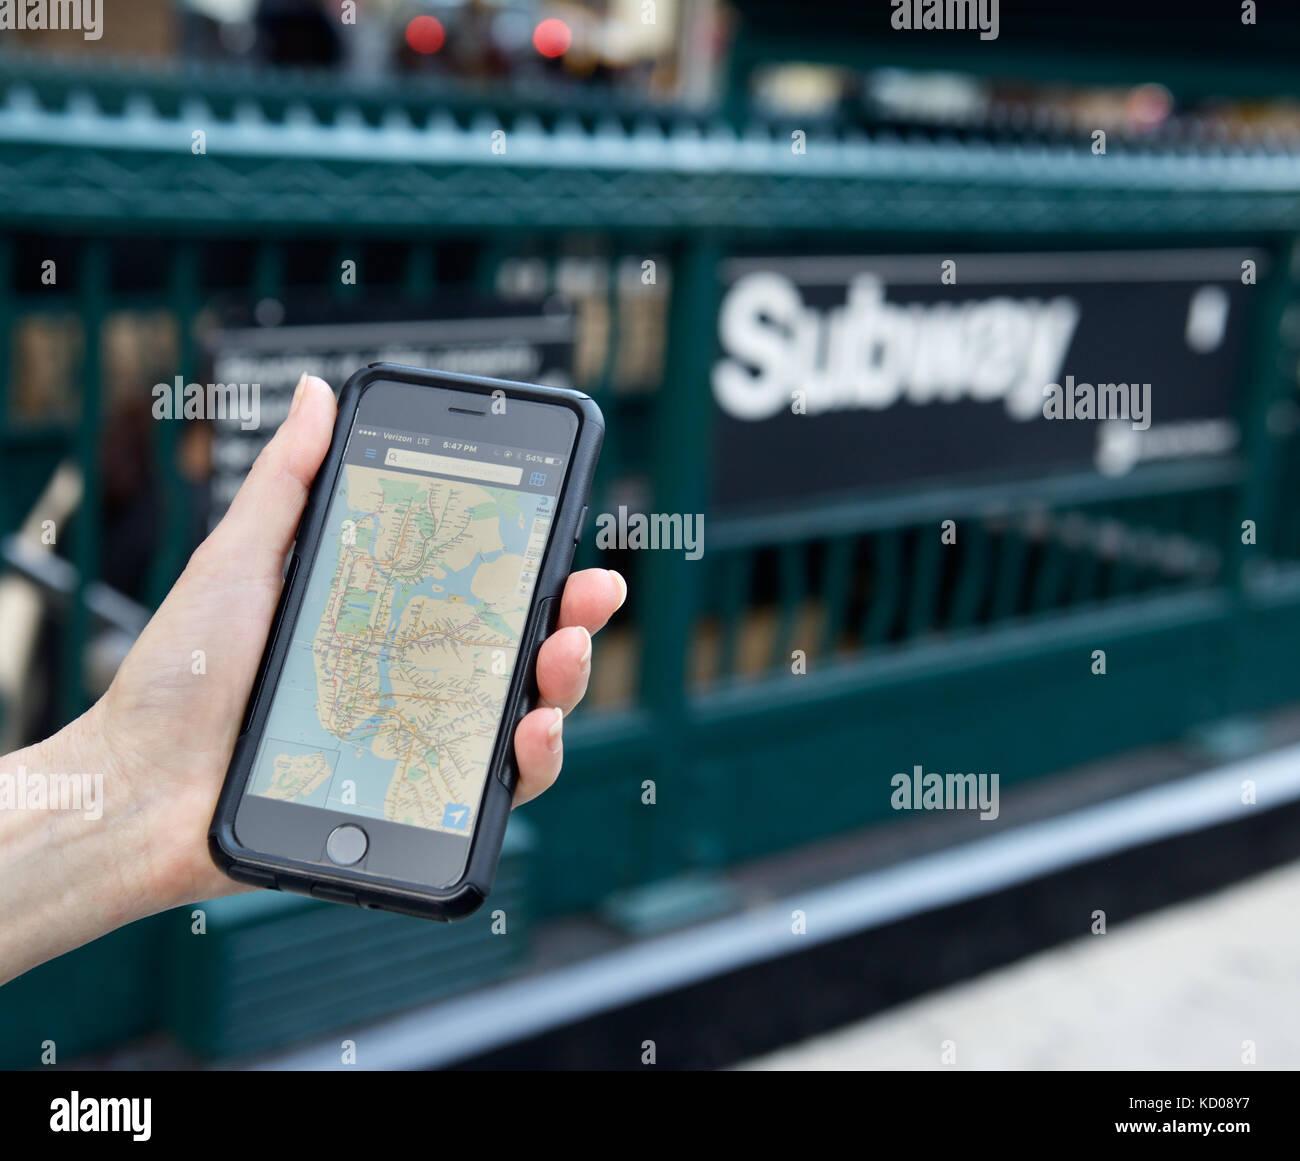 Mappa della metropolitana app applicazione sul telefono cellulare, New York City Immagini Stock